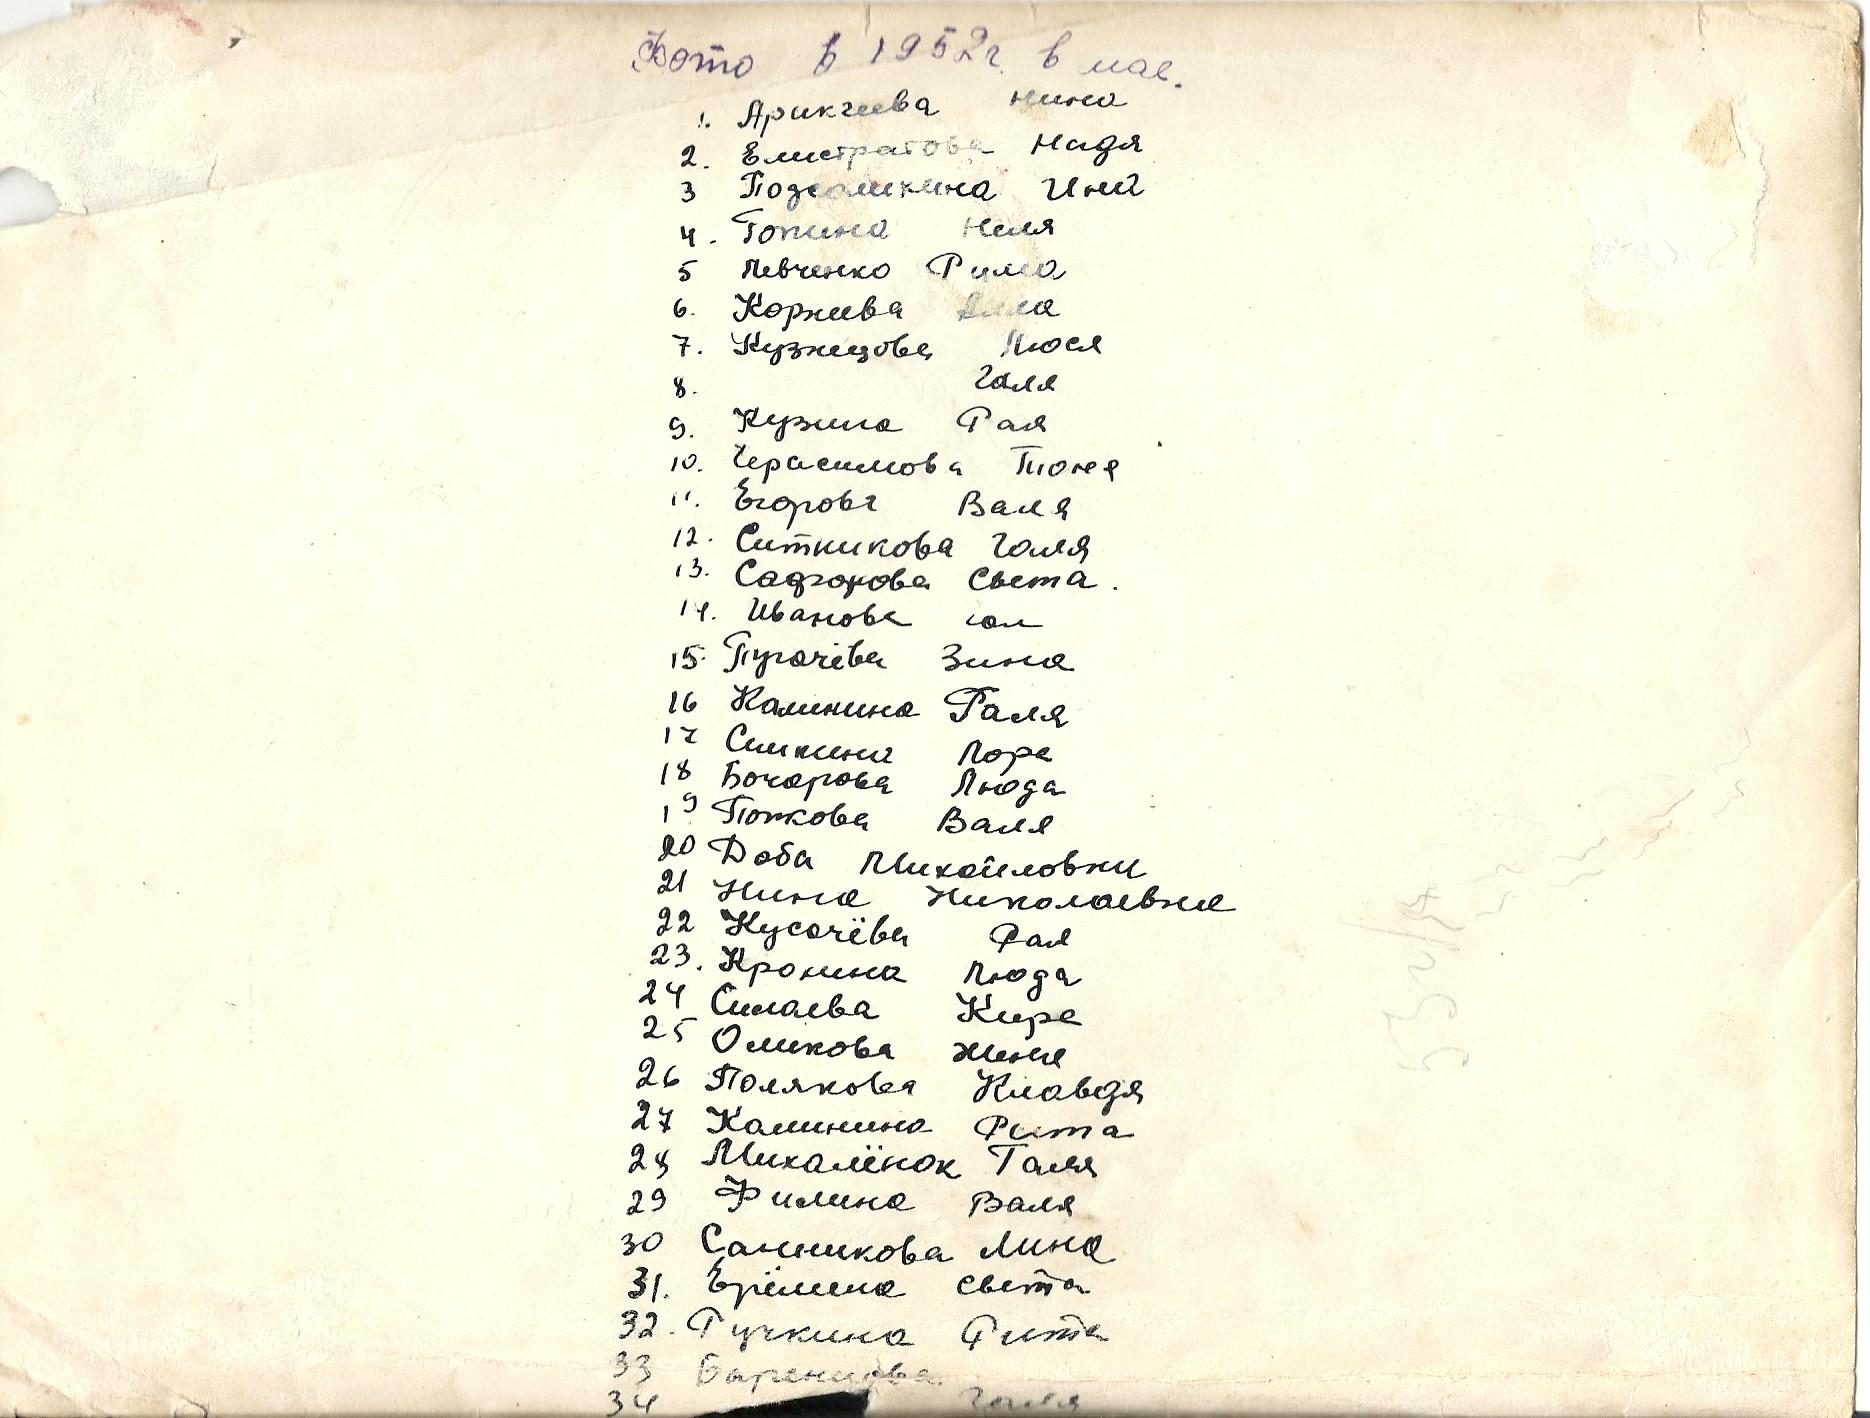 myclass1952